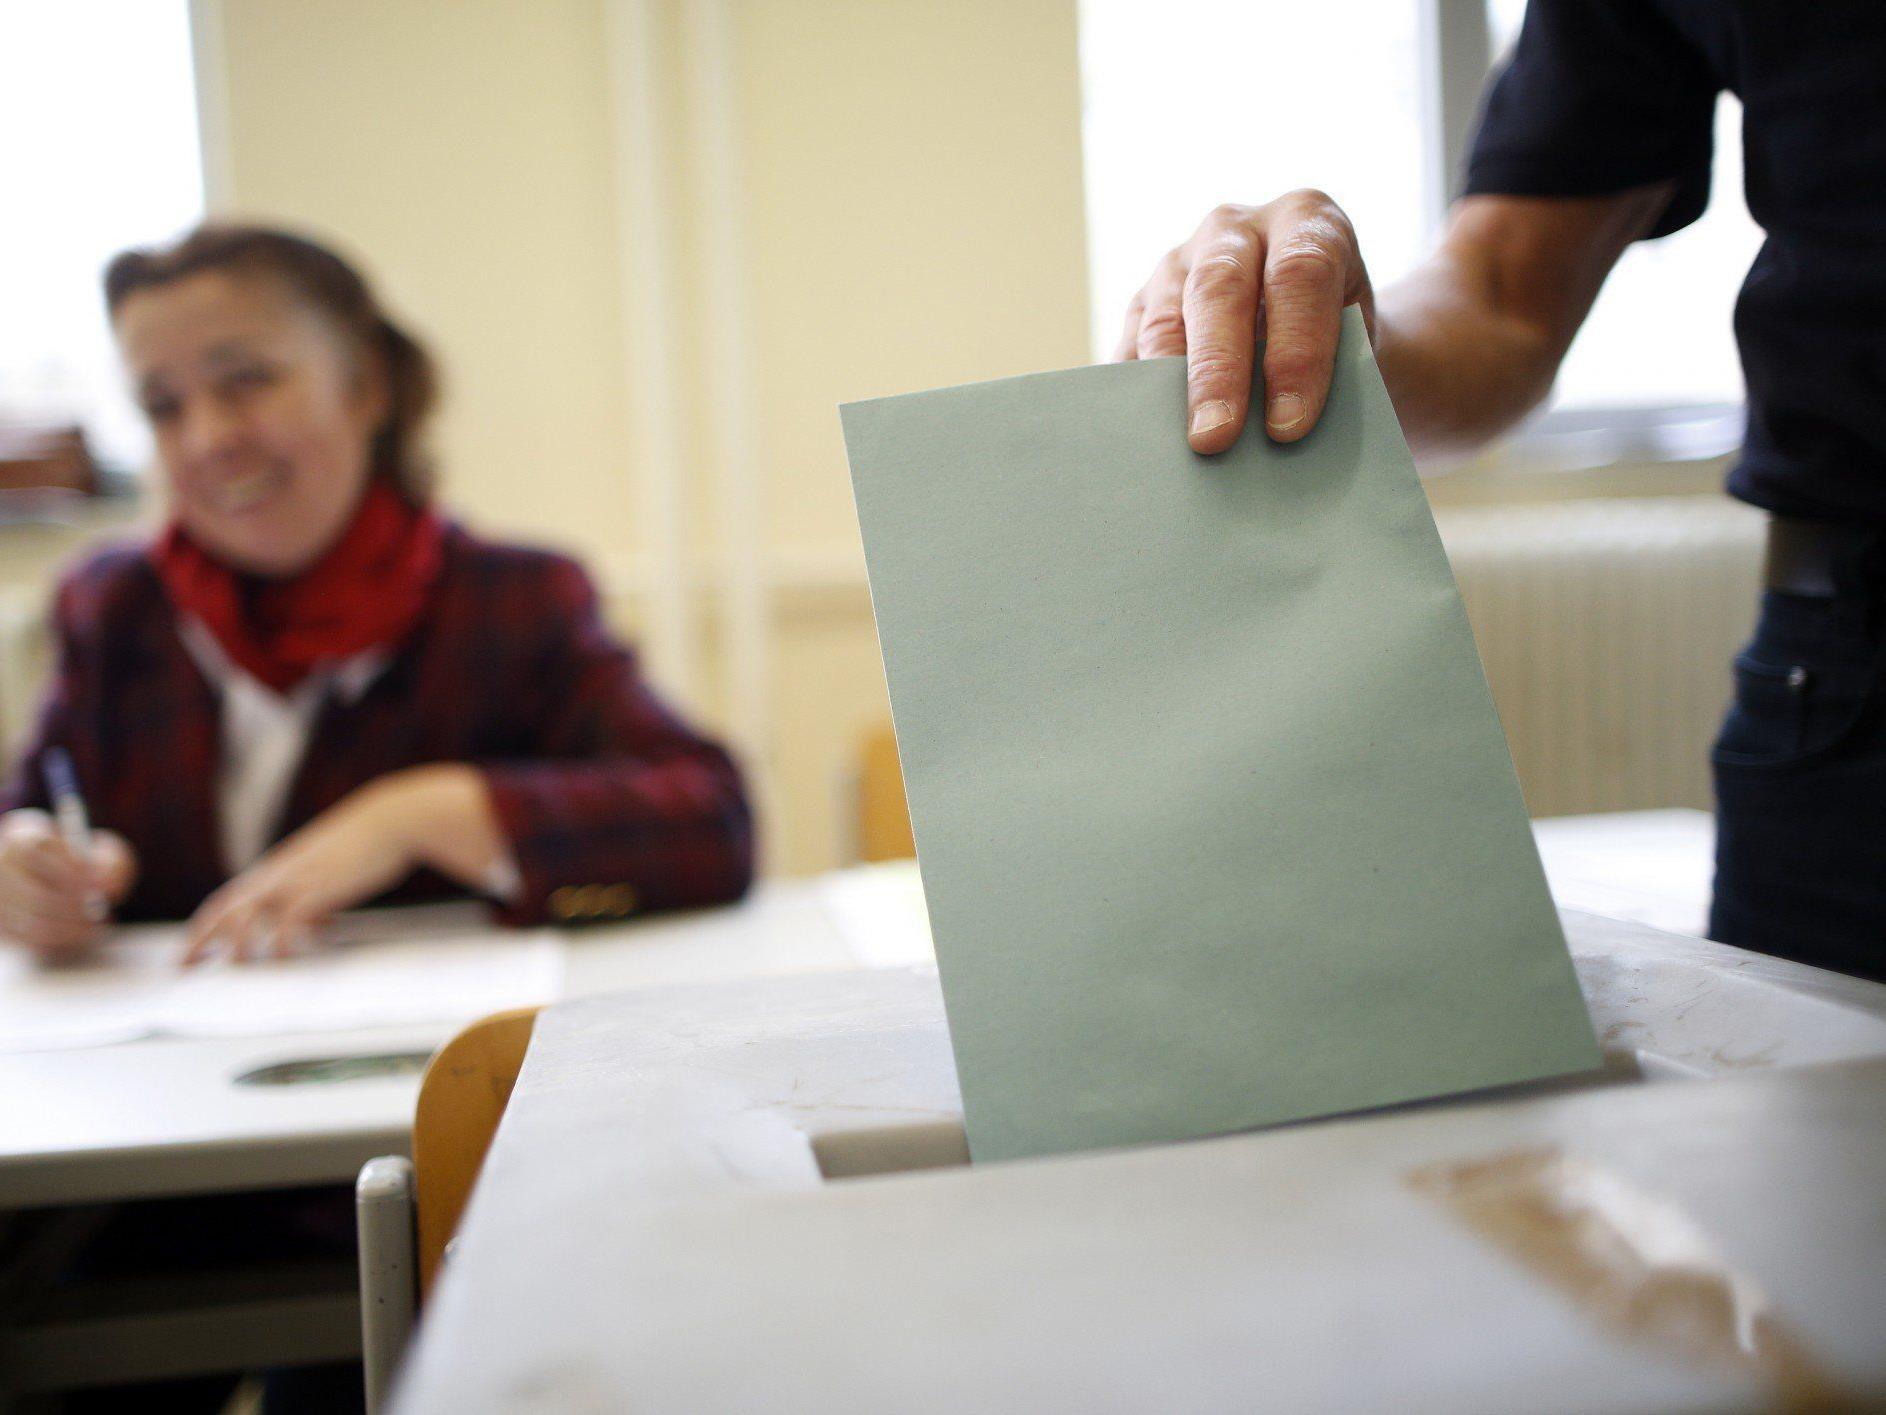 Europawahl: Meinungsforscher geben noch keine Prognose ab.